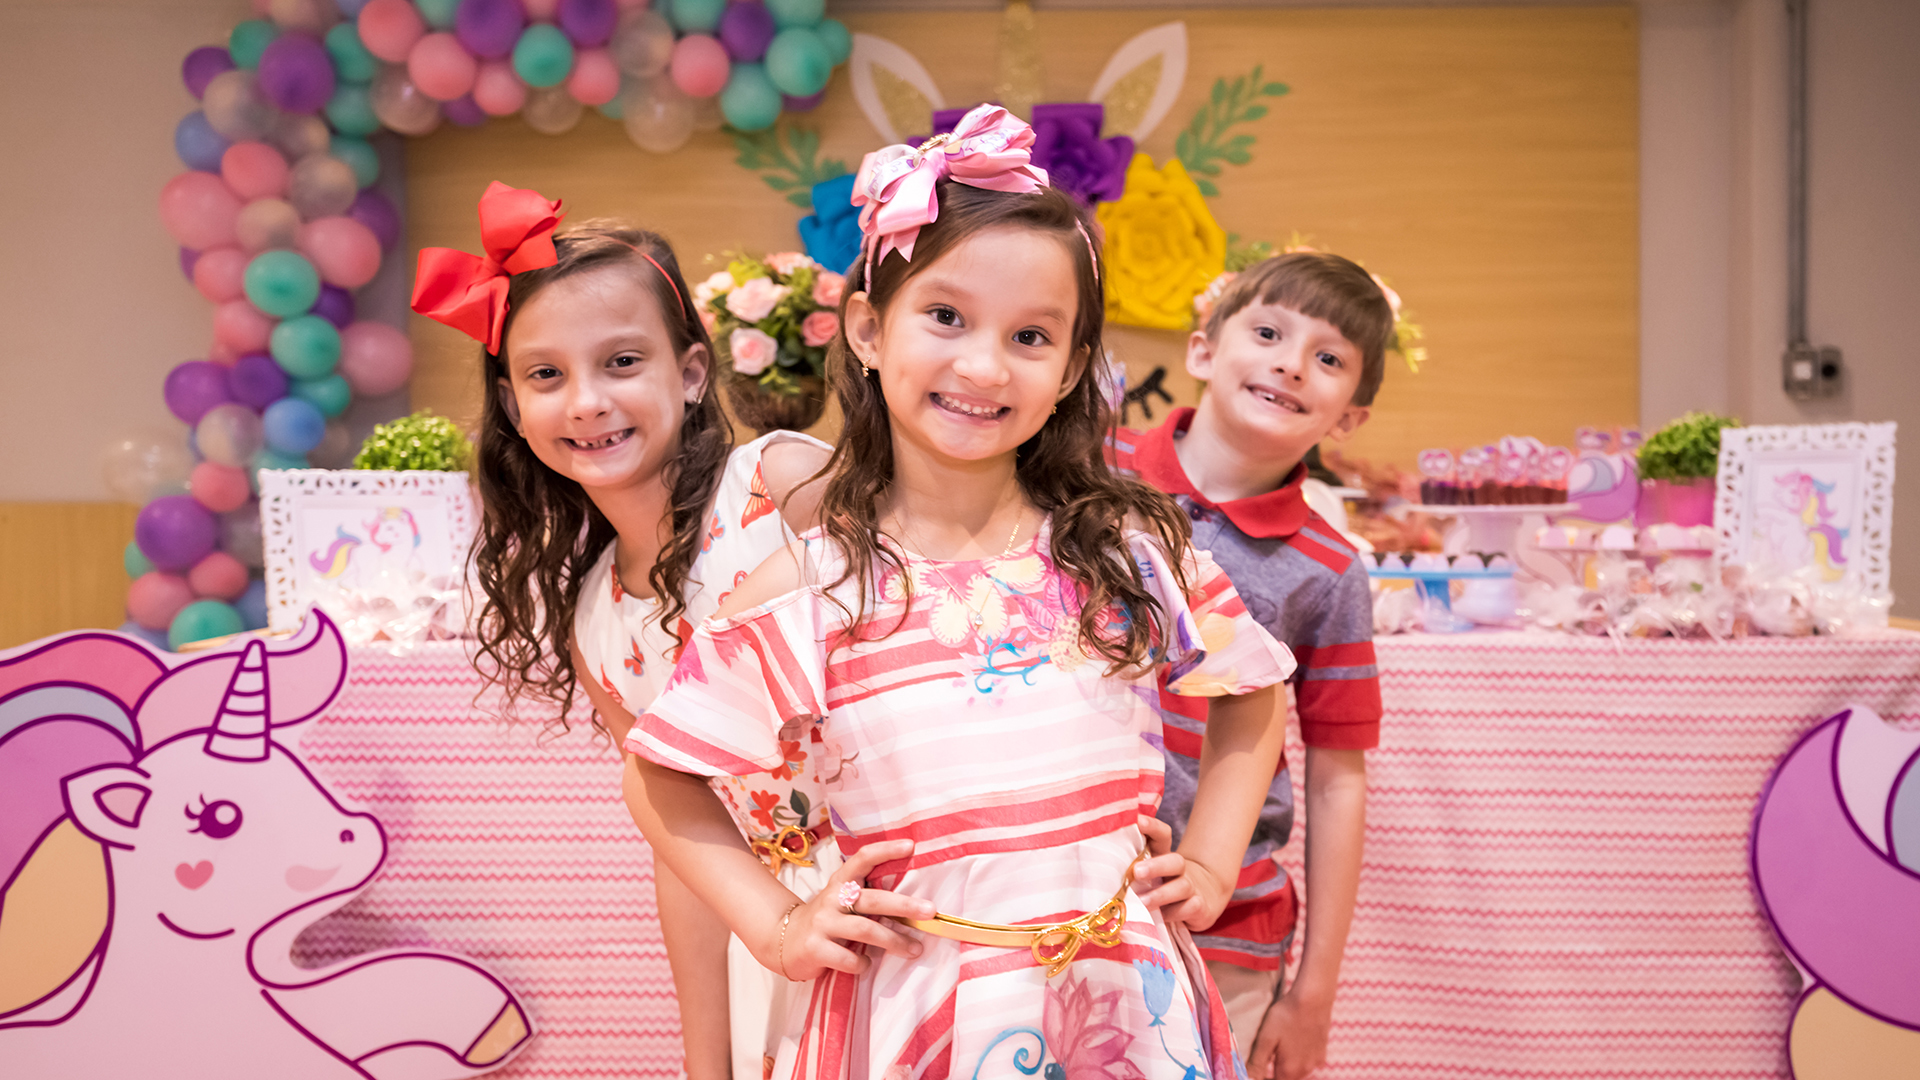 Contate Fotógrafo de Aniversário Infantil em Fortaleza